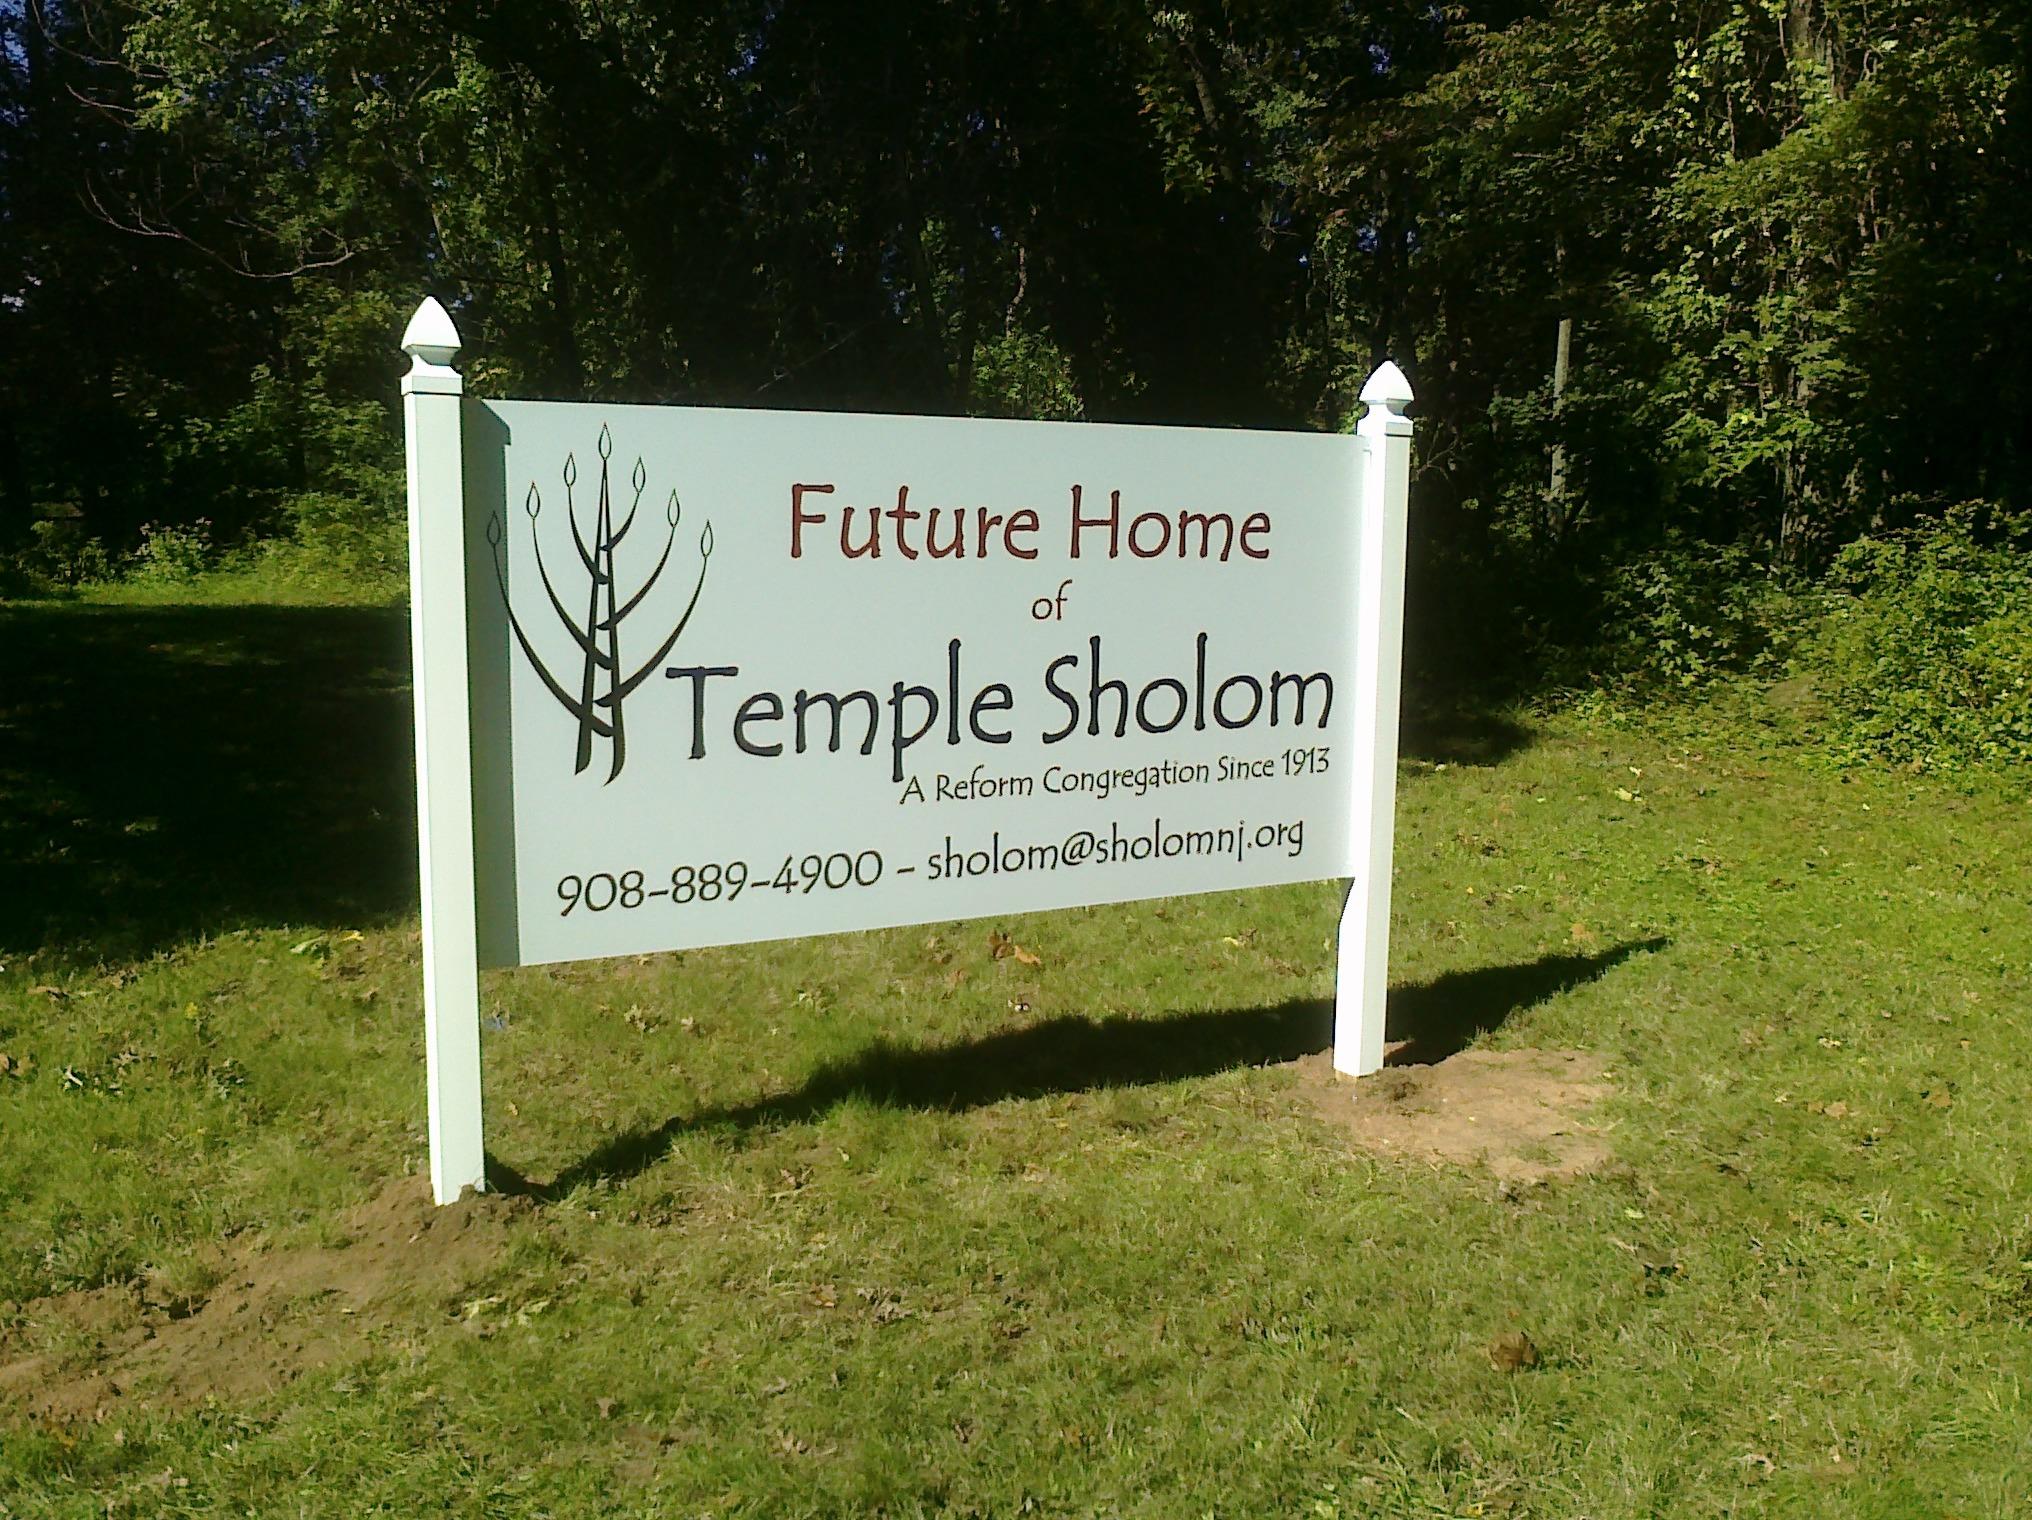 8df8a334967a58ed1b43_future_home_sign.jpg